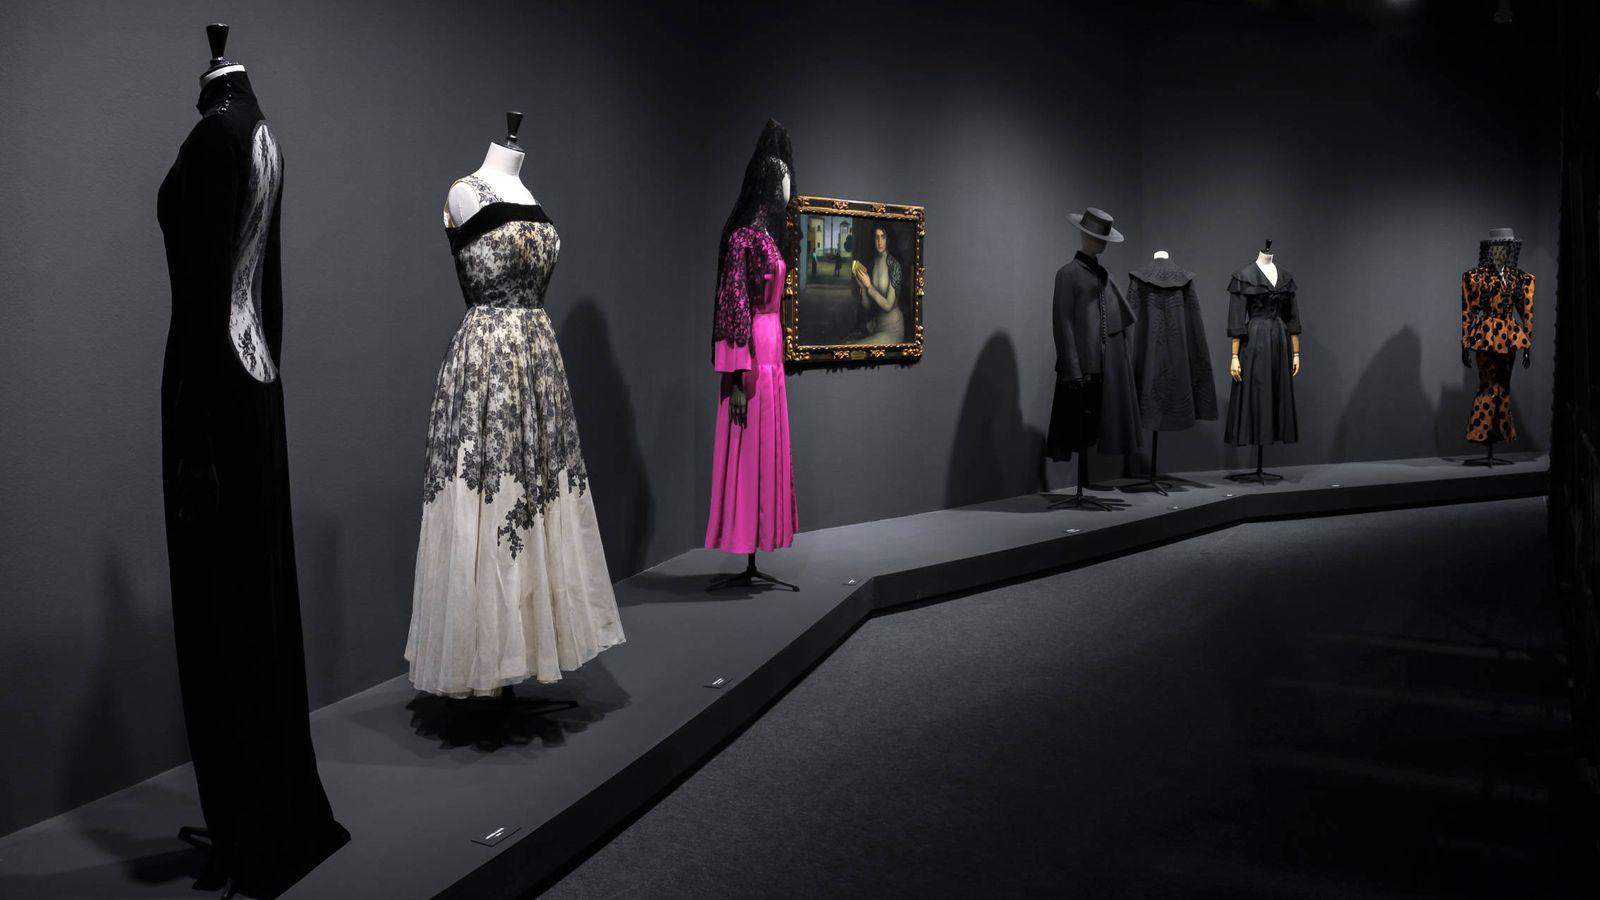 Foto: La moda española y su repercusión internacional concentradas en la exposición 'Modus: a la manera de España'. (Guillermo Gumiel/Comunidad de Madrid)